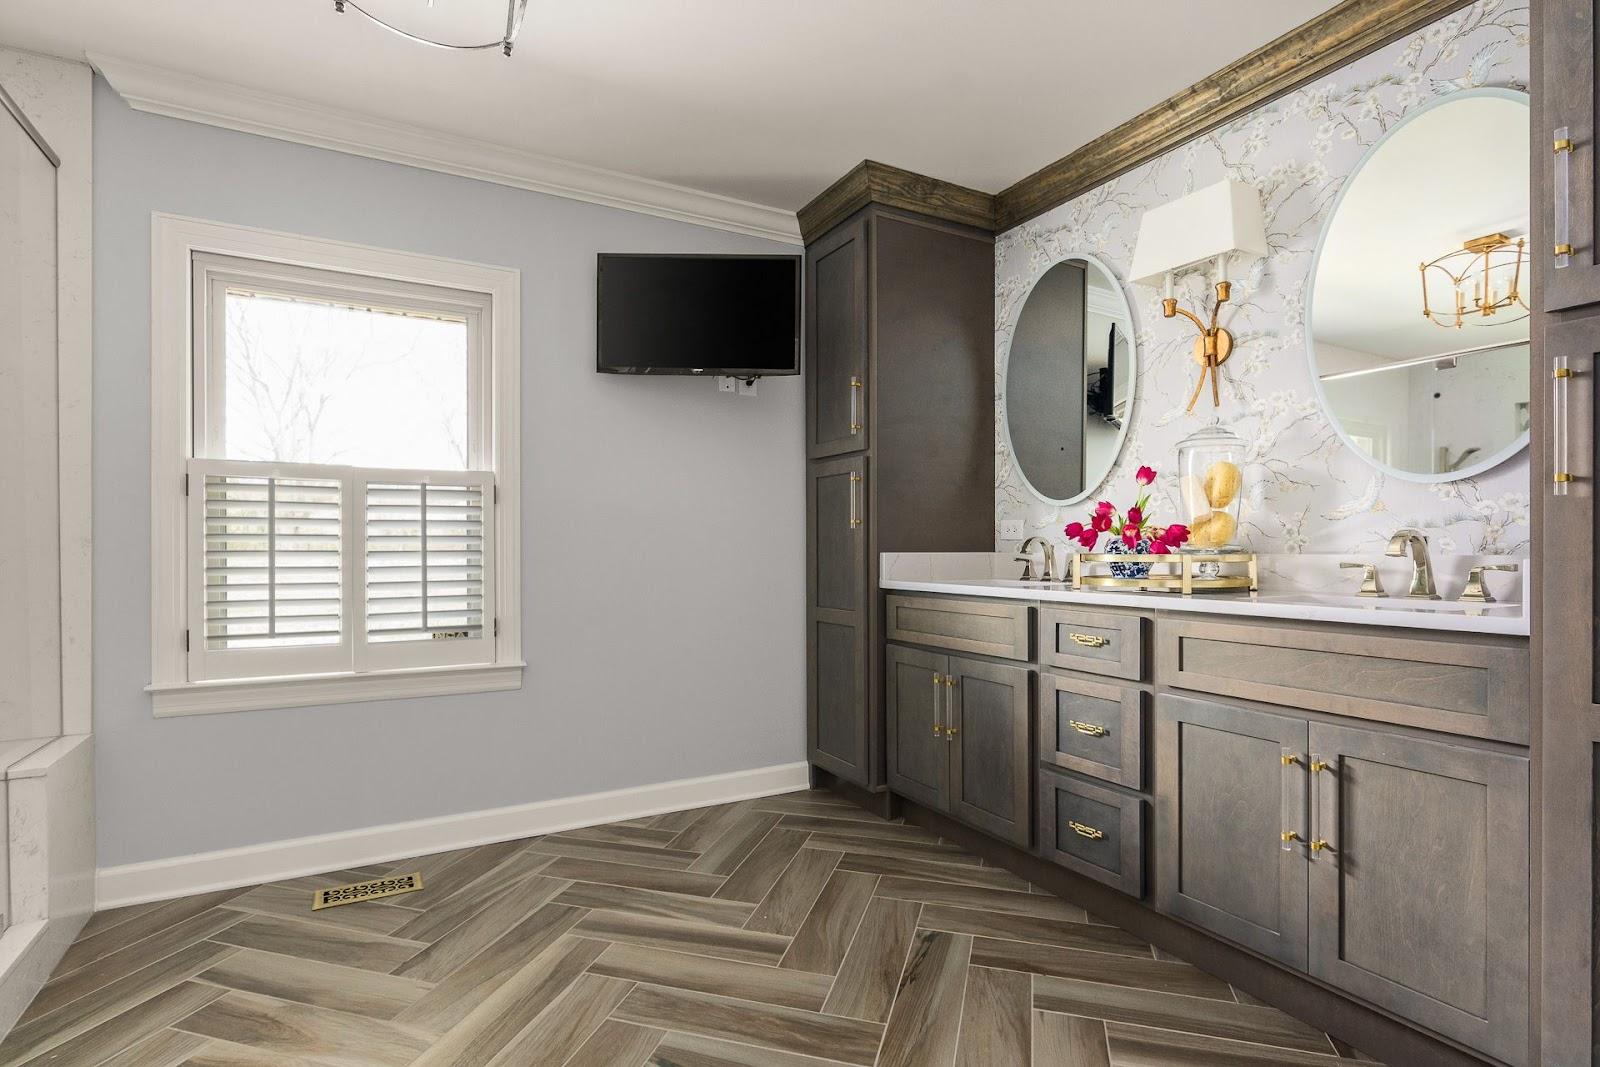 superior-construction-mt-juliet-tn-porcelain-vs-ceramic-master-bedroom-with-porcelain-floor-in-soft-wood-pattern